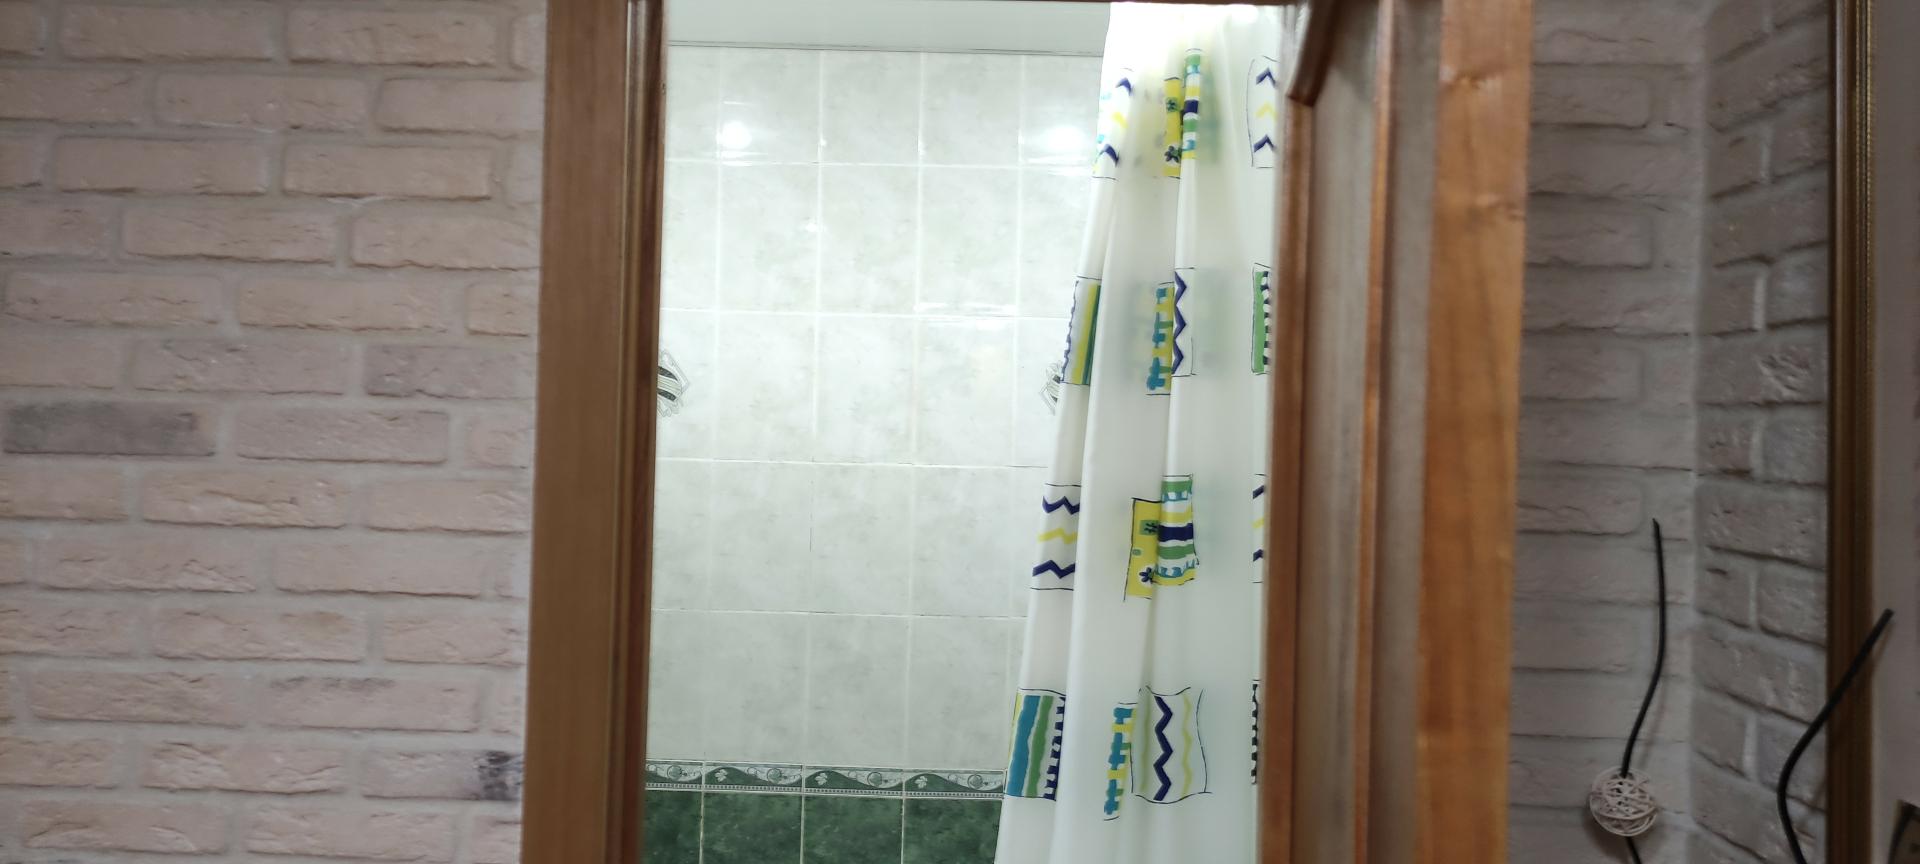 Продажа 2-комнатной квартиры, Волгоград, проспект им. Героев Сталинграда,  дом 39